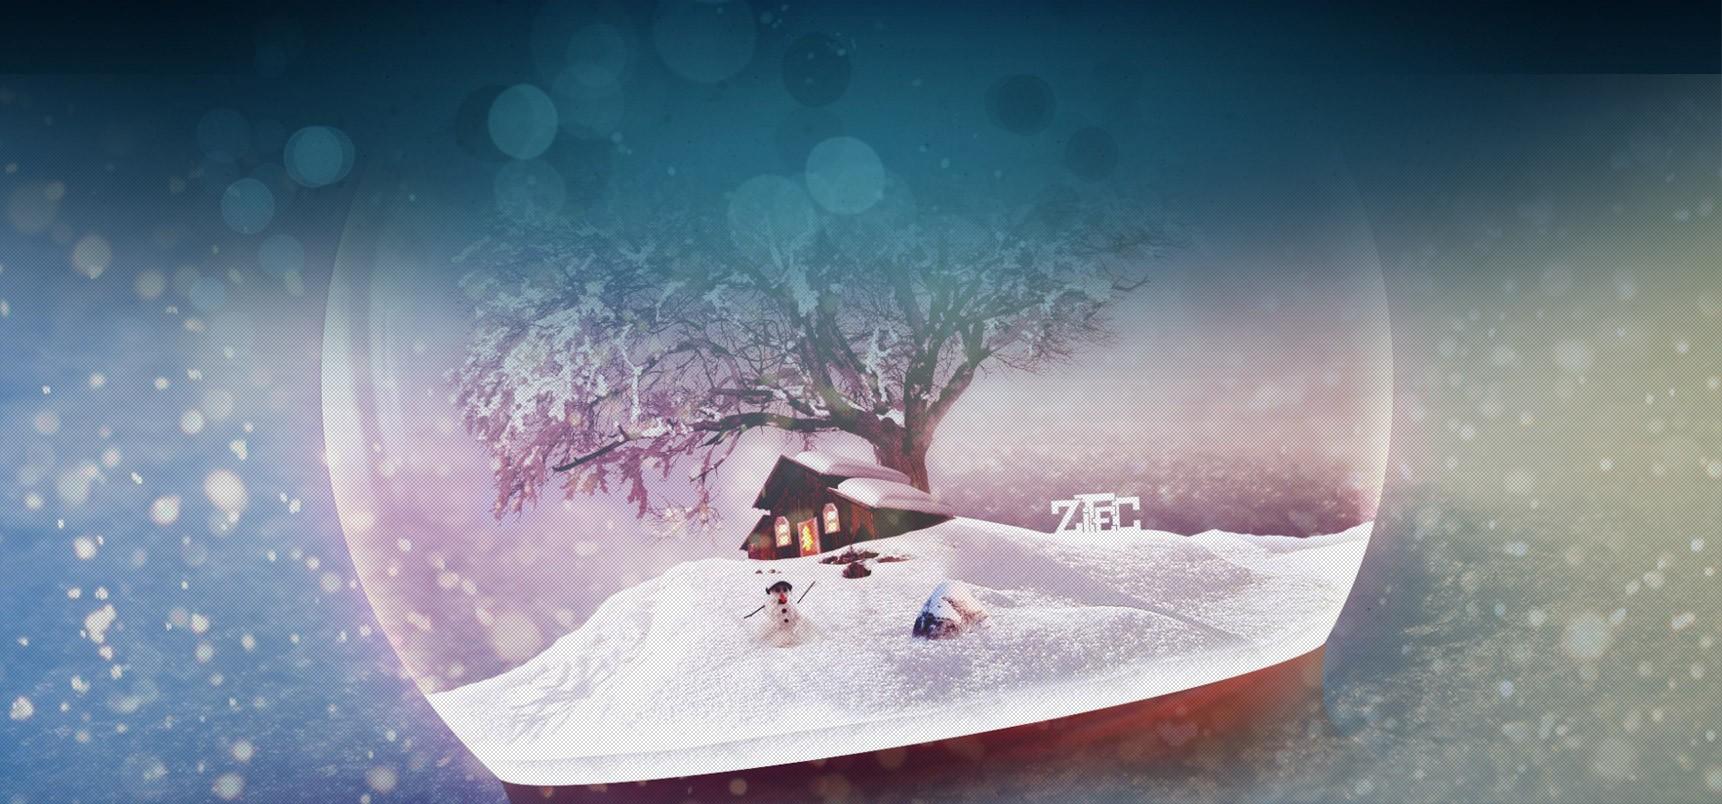 Vente de décorations de Noël toute l'année